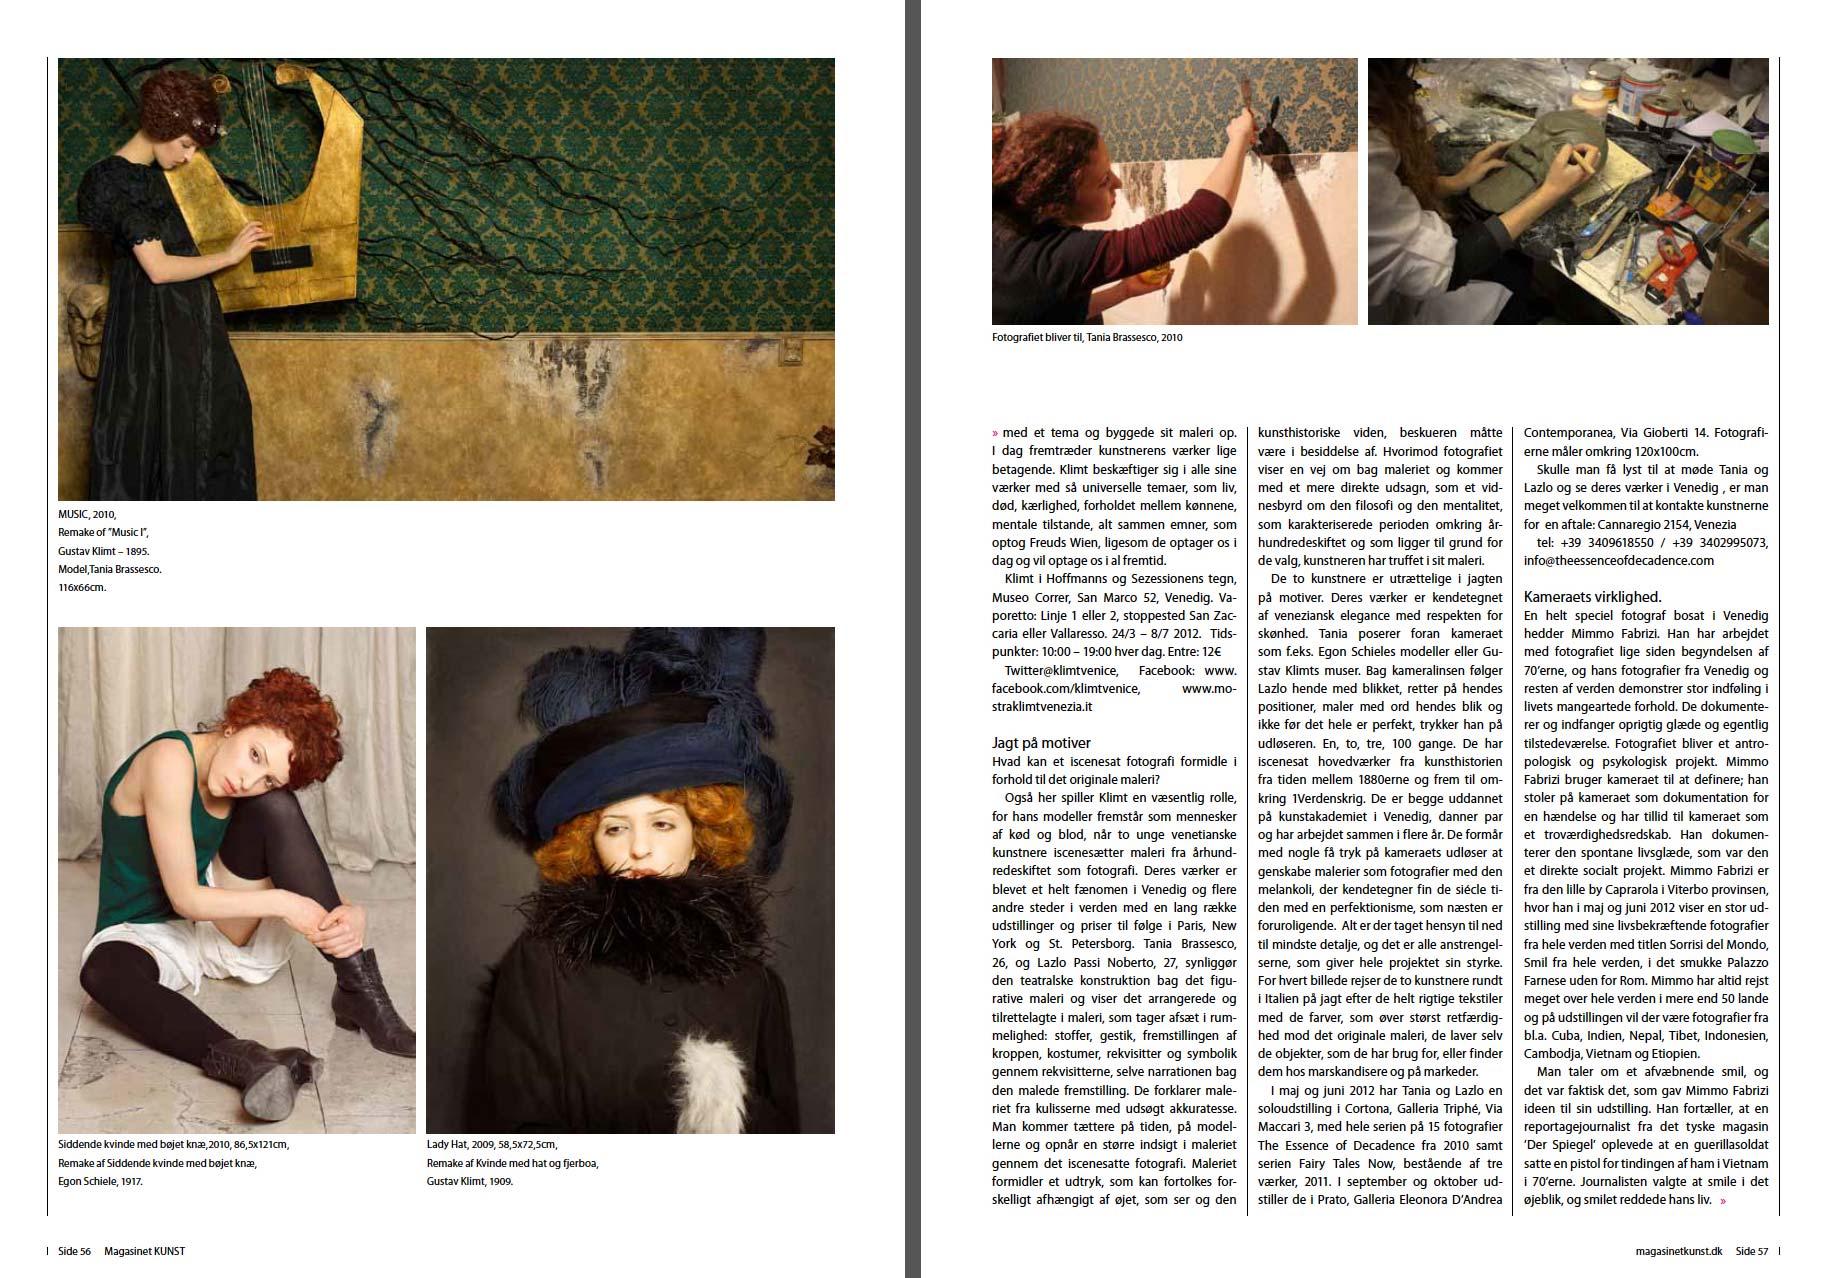 Tania-and-Lazlo-on-Kunst-Magazine.jpg